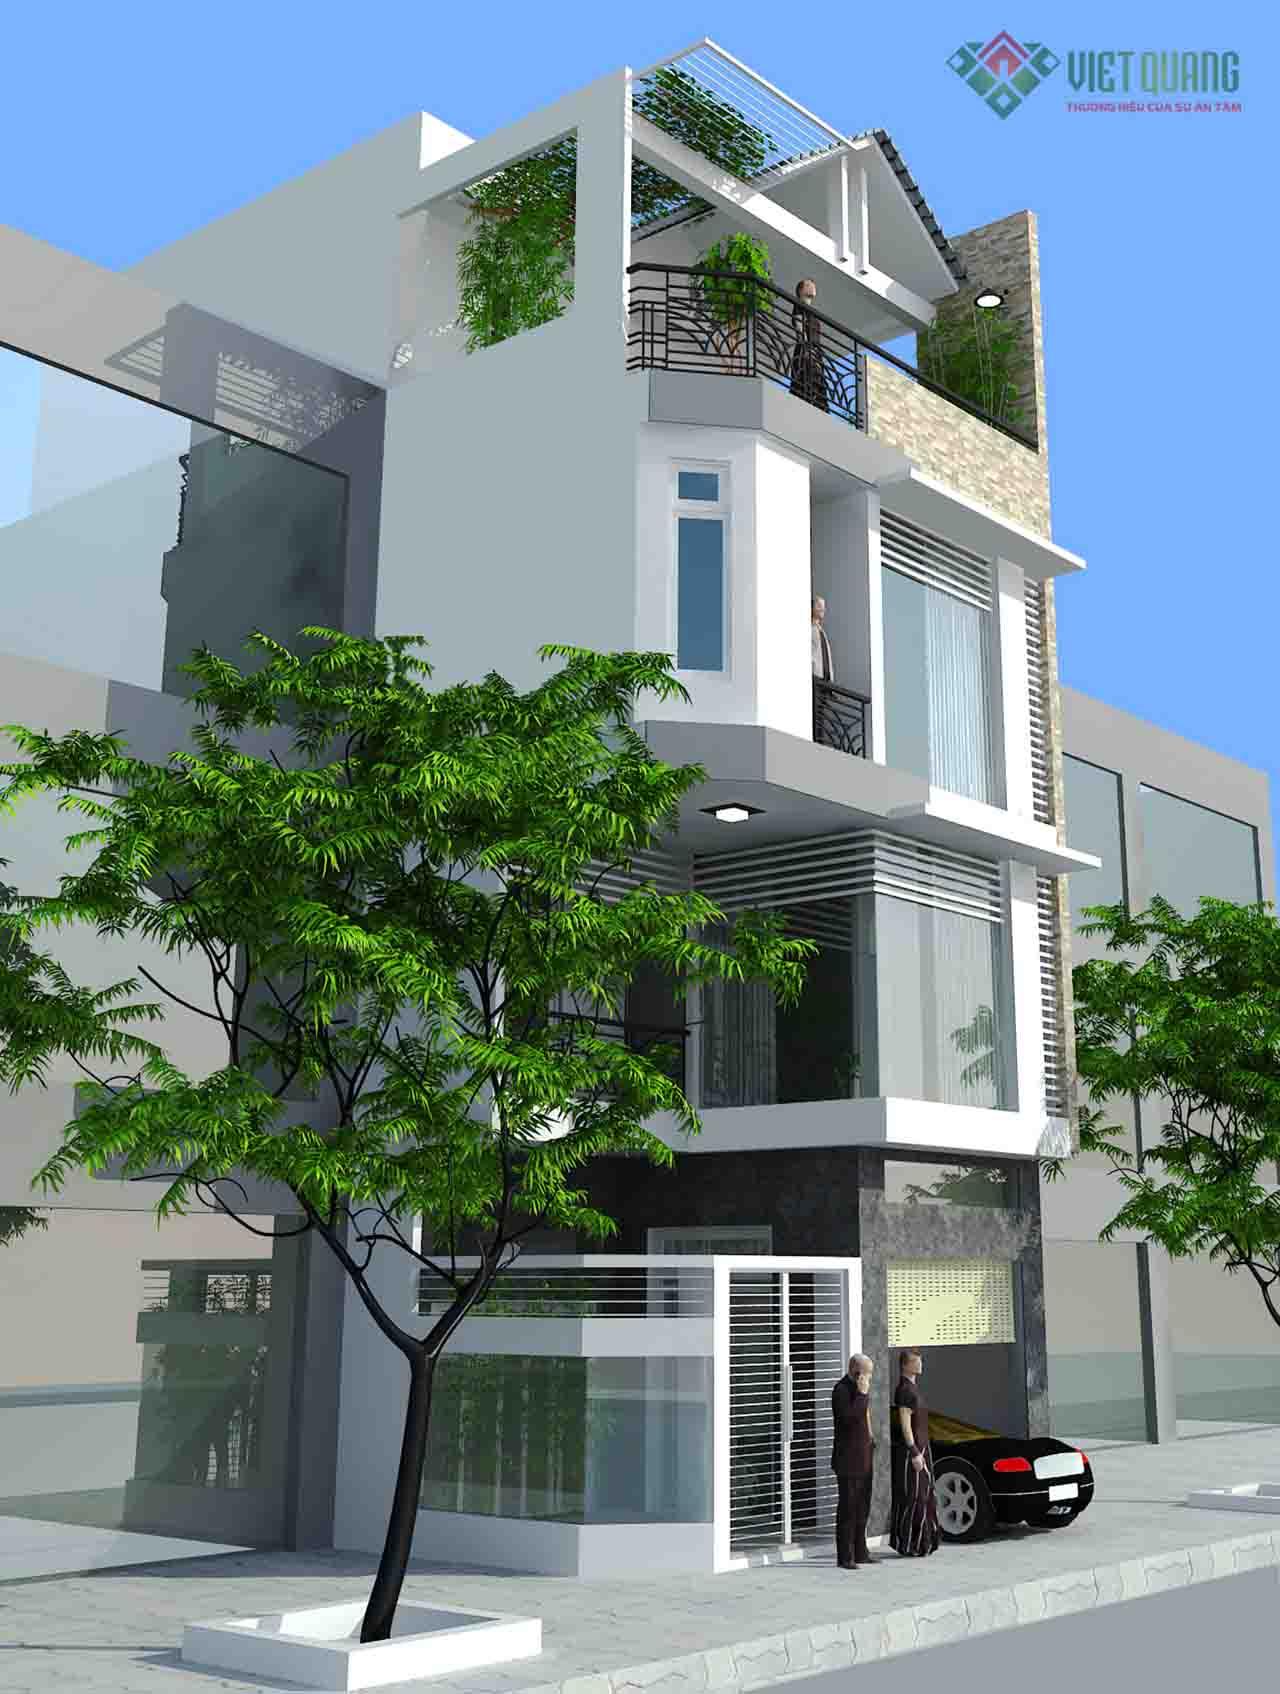 Mẫu Thiết kế nhà phố 3 tầng đẹp hiện đại, hài hòa và gần gũi với thiên nhiên.